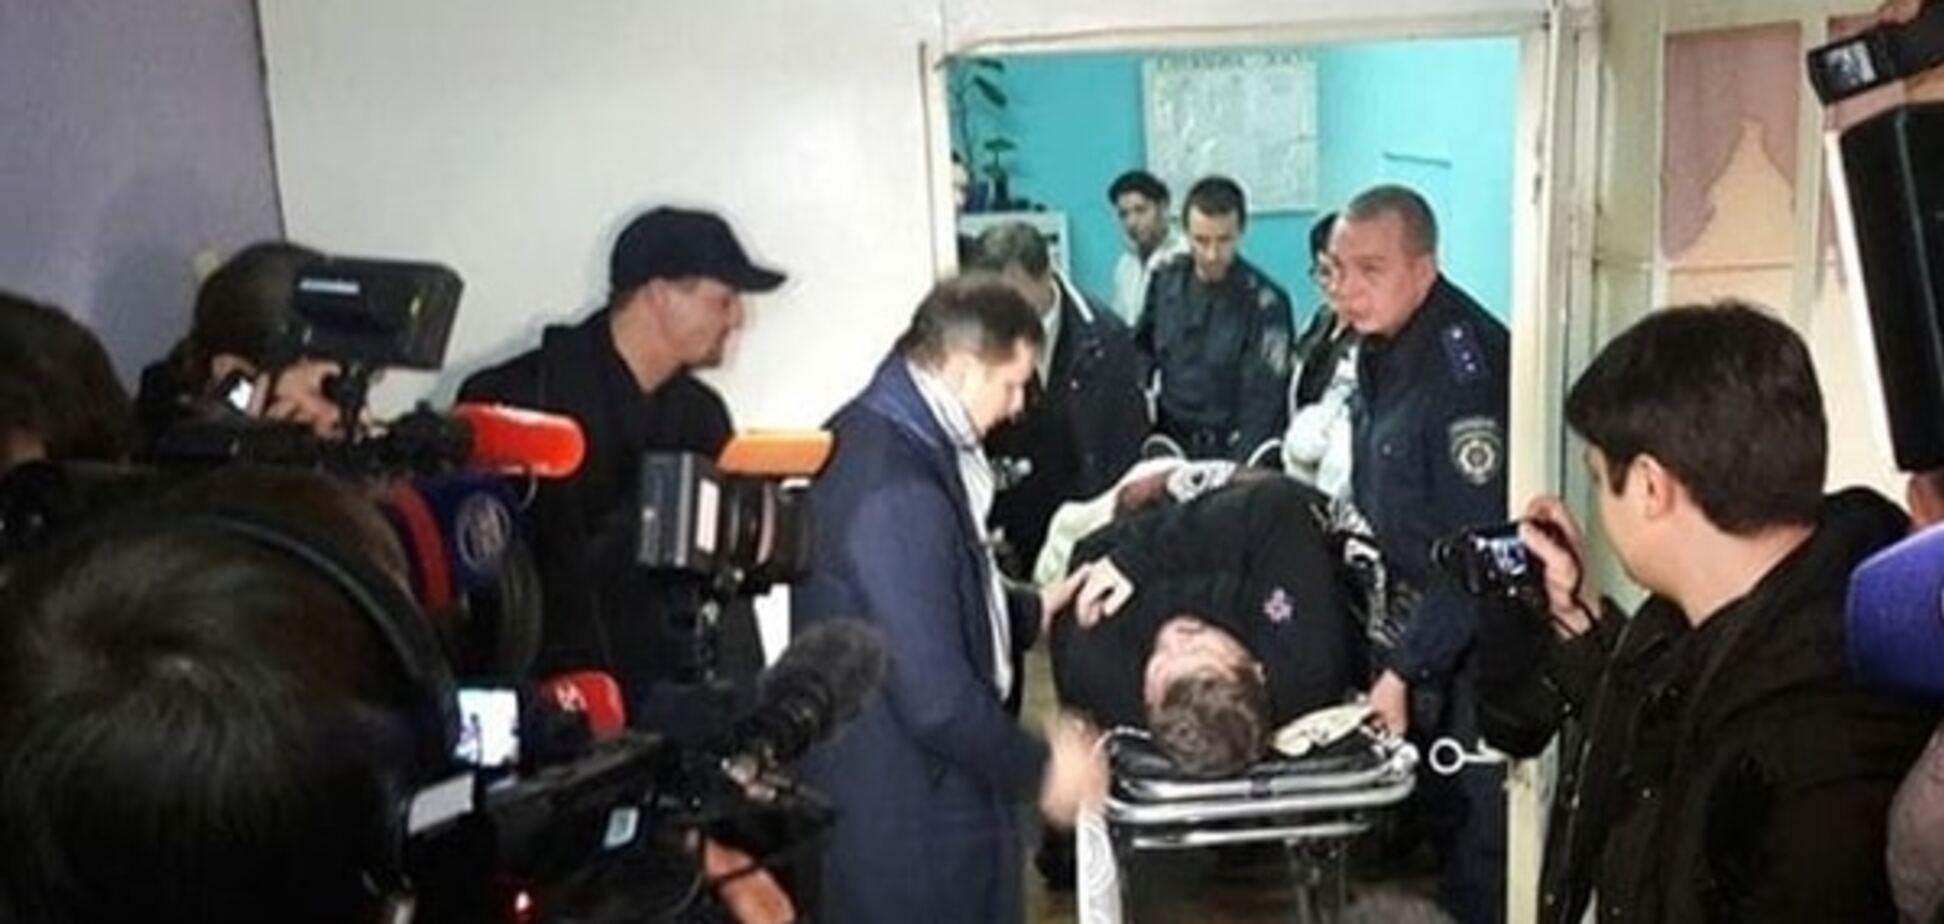 Мосійчук розповів про підготовку до операції і пообіцяв не тікати